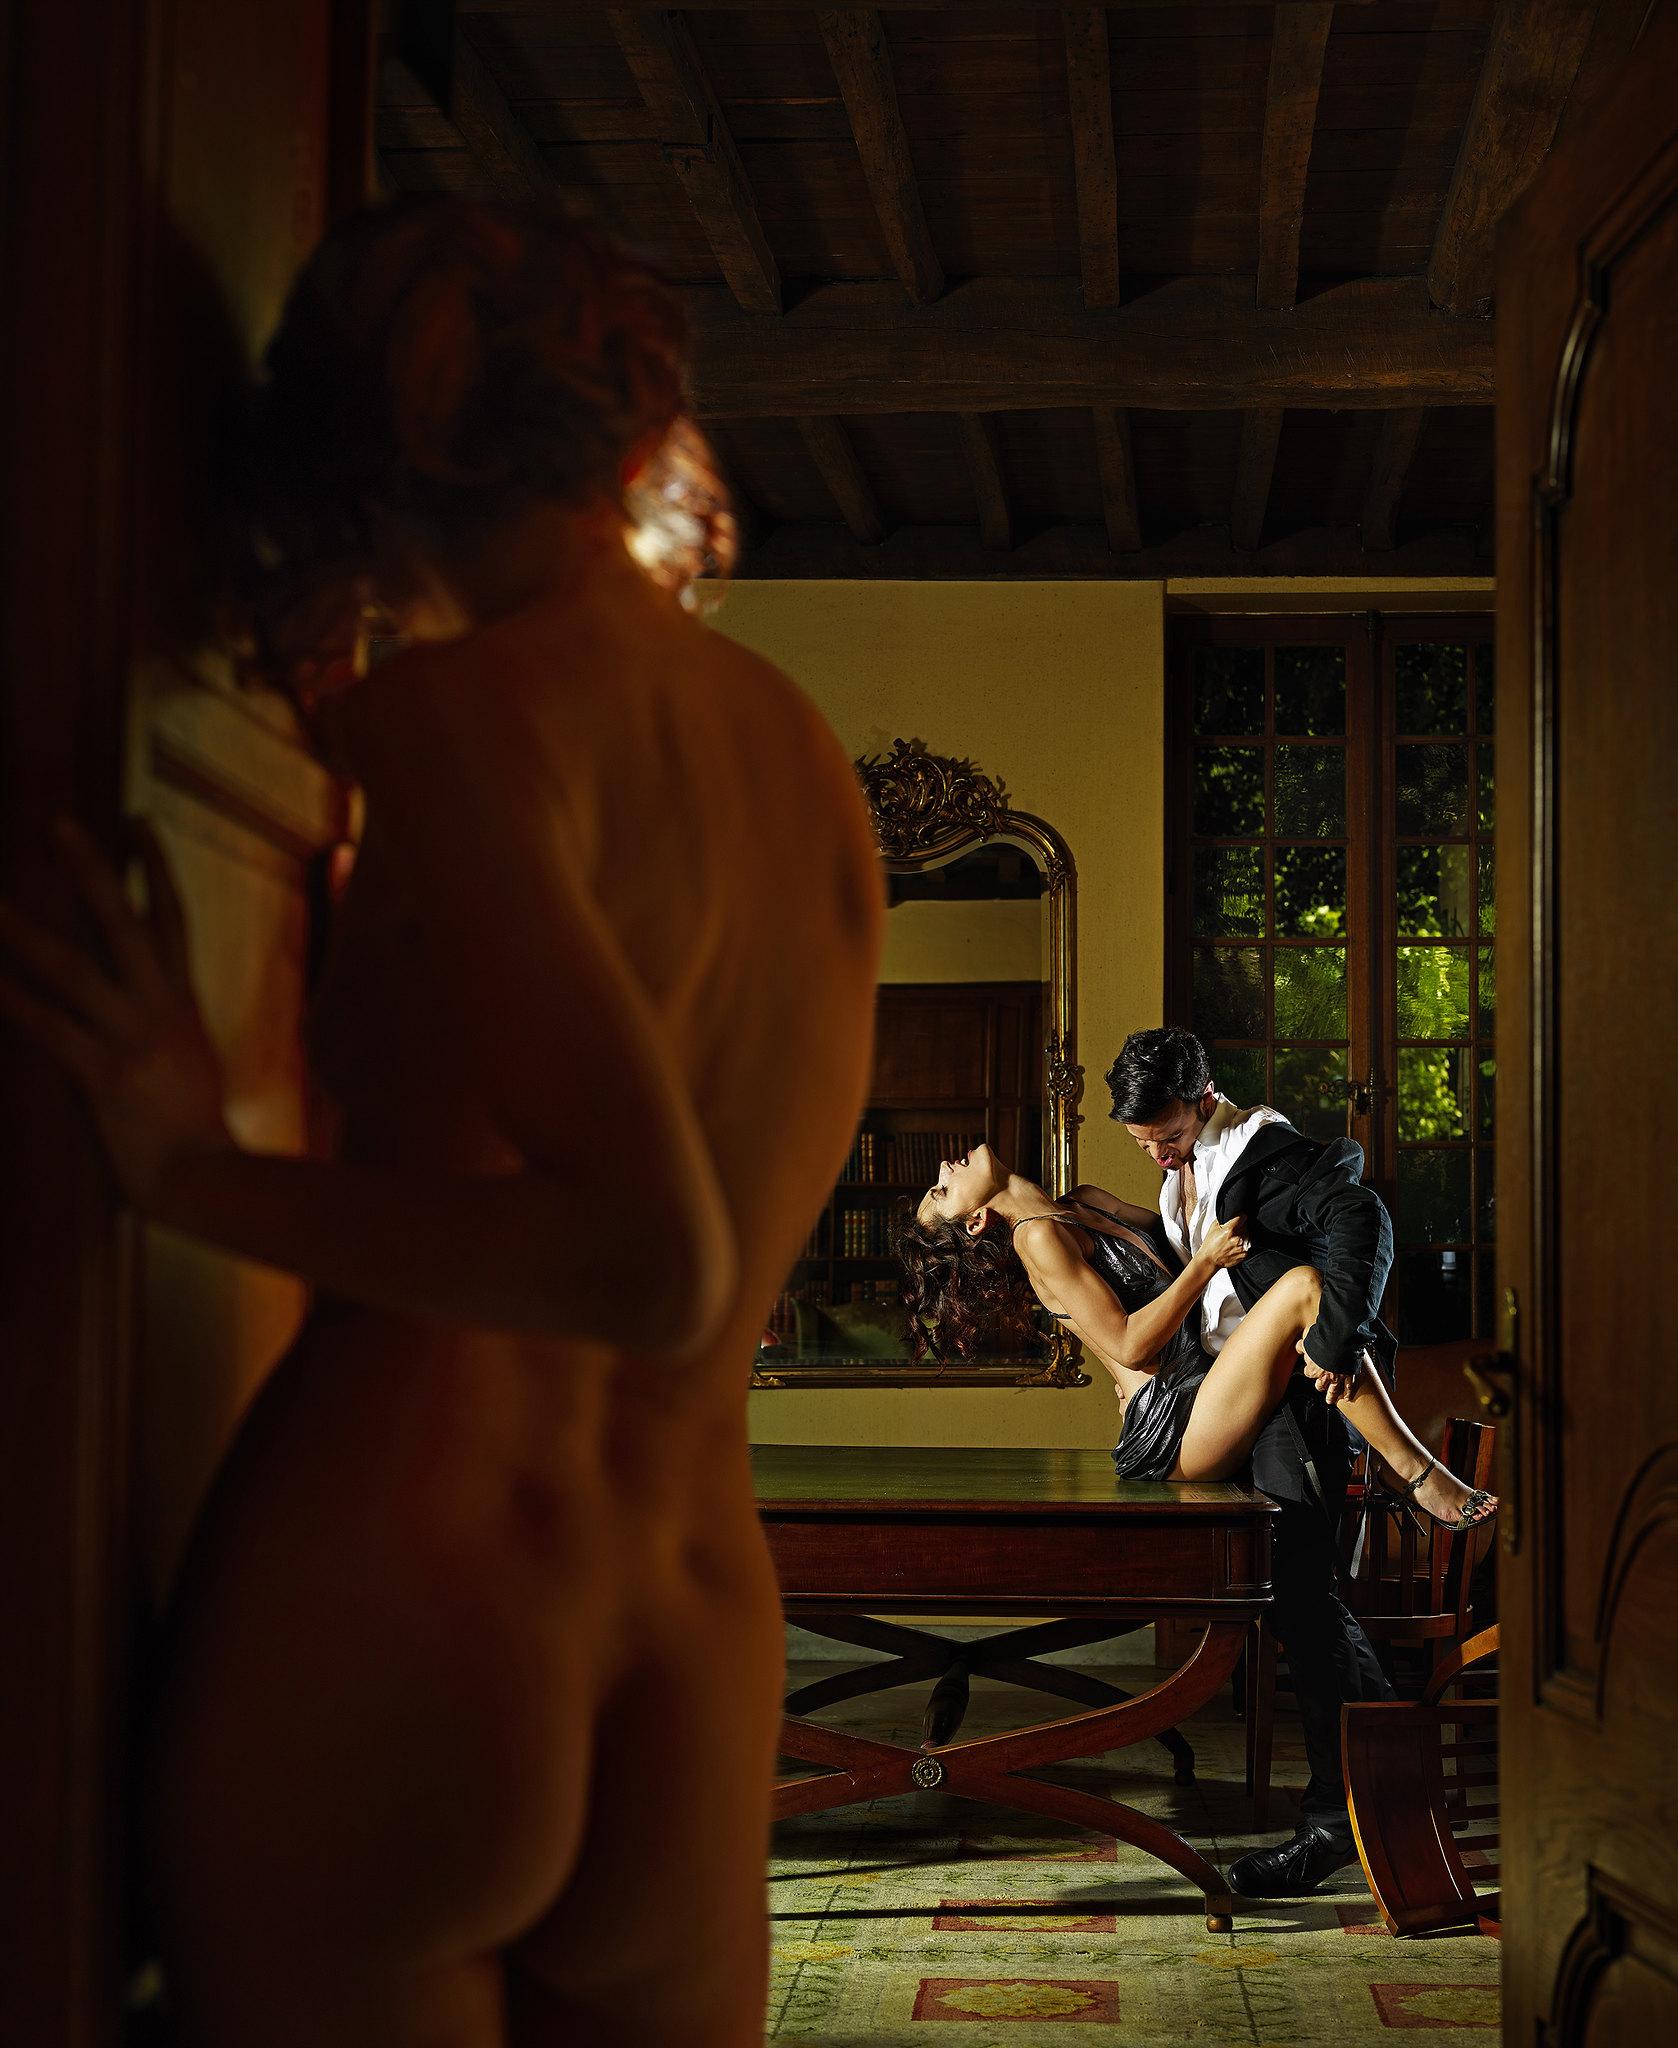 Смотреть интересный эротический сюжет 3 фотография.